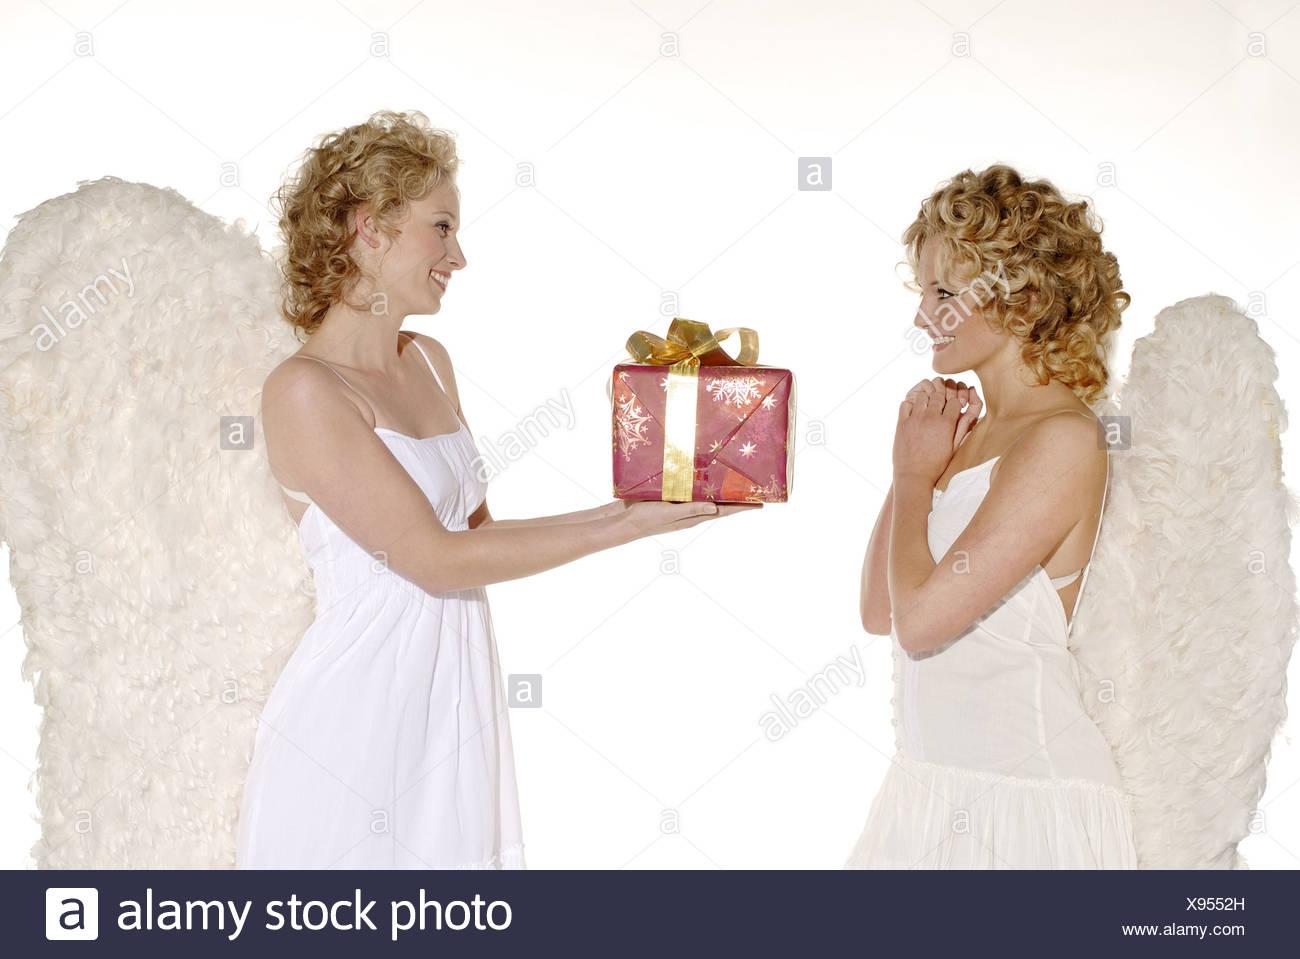 Frauen junger blonde Engel Flügel lächelnd fröhlich ...